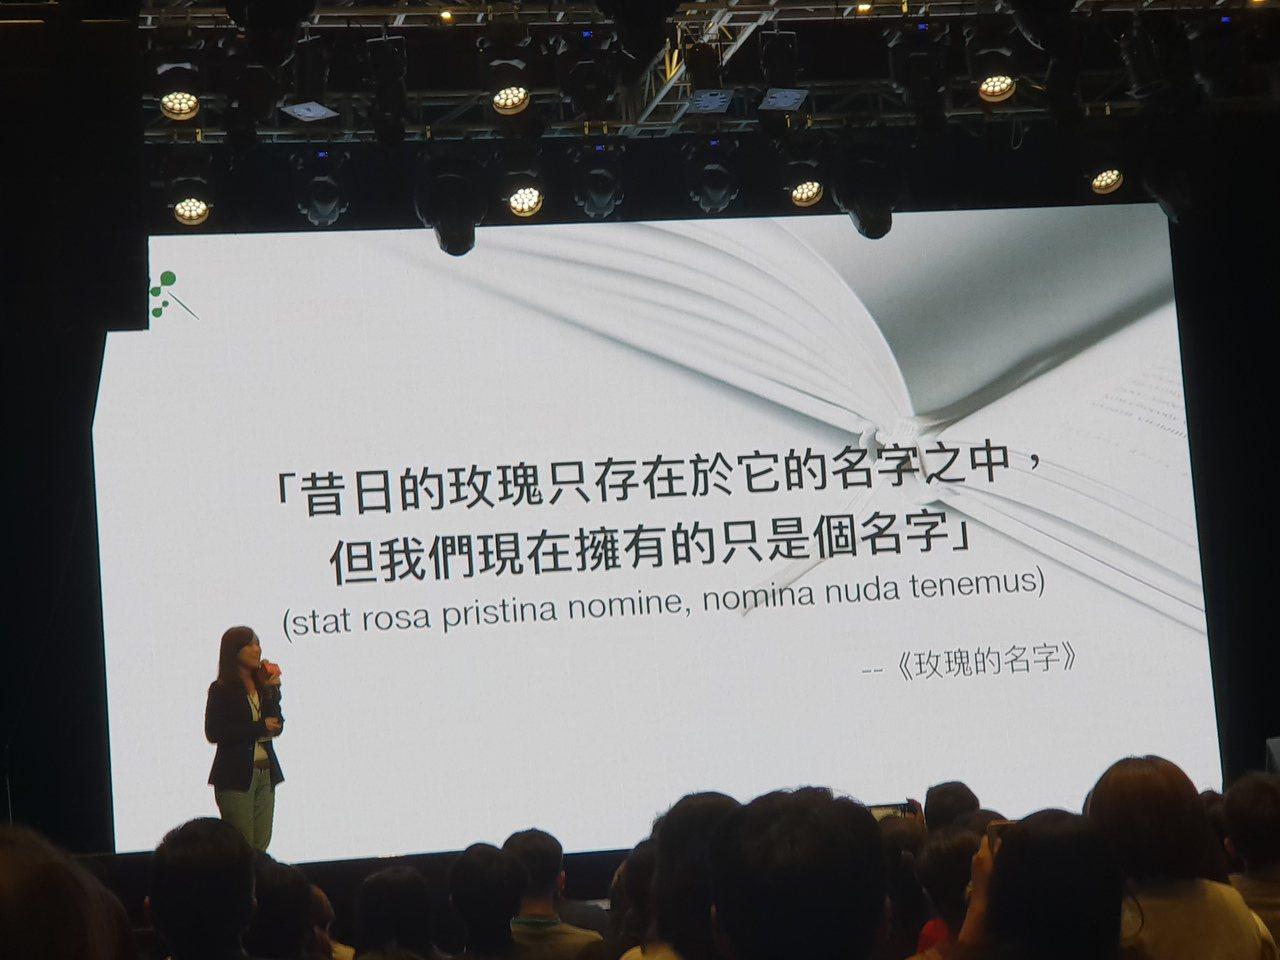 綠藤生機共同創辦人廖怡雯分享對社會企業的觀察和理念。記者陳宛茜/攝影